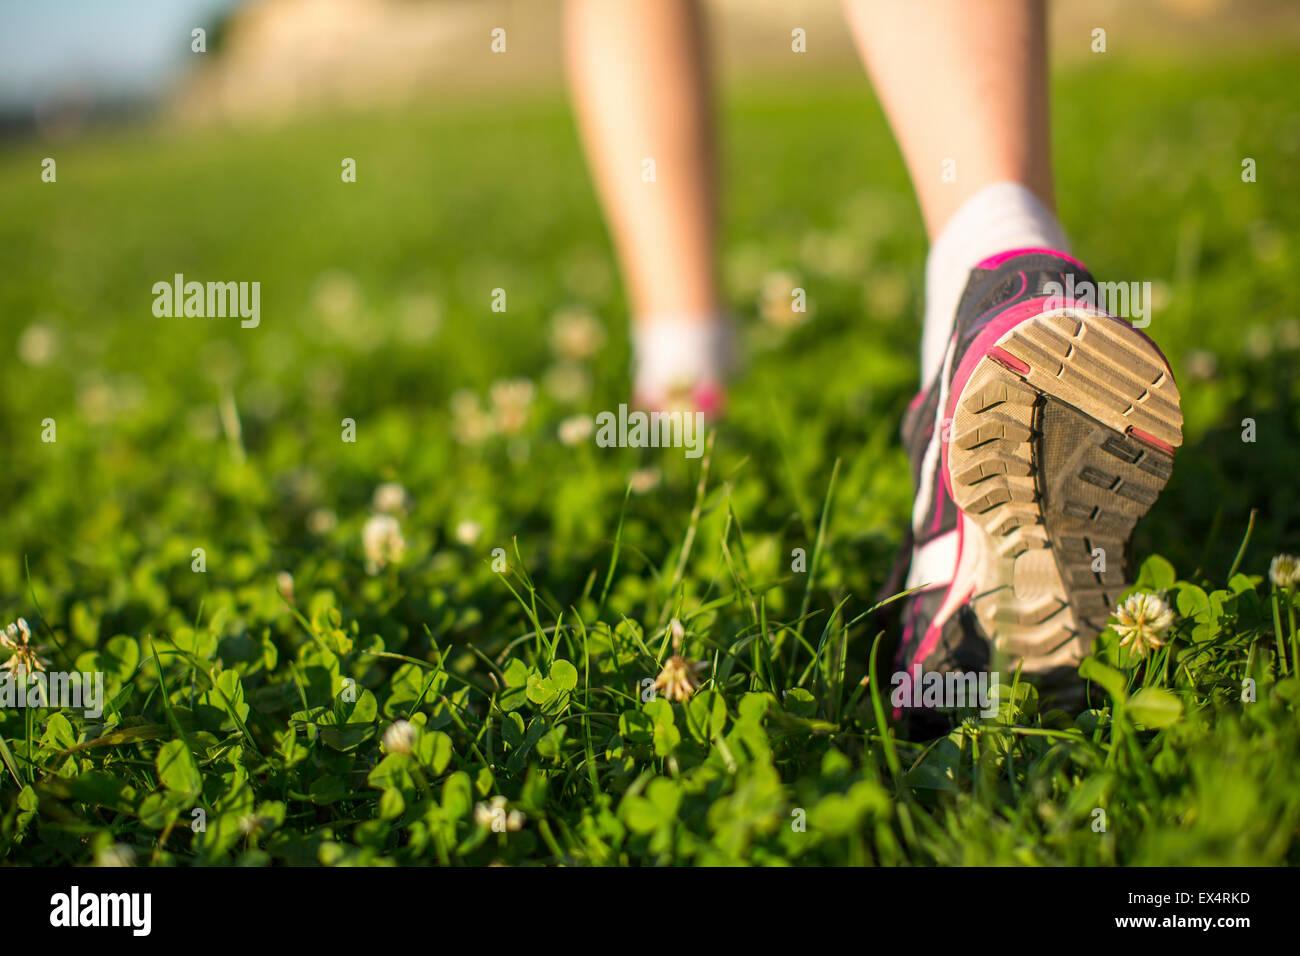 Randonnée randonneur sur l'herbe verte à l'extérieur, low angle près du pied. Photo Stock